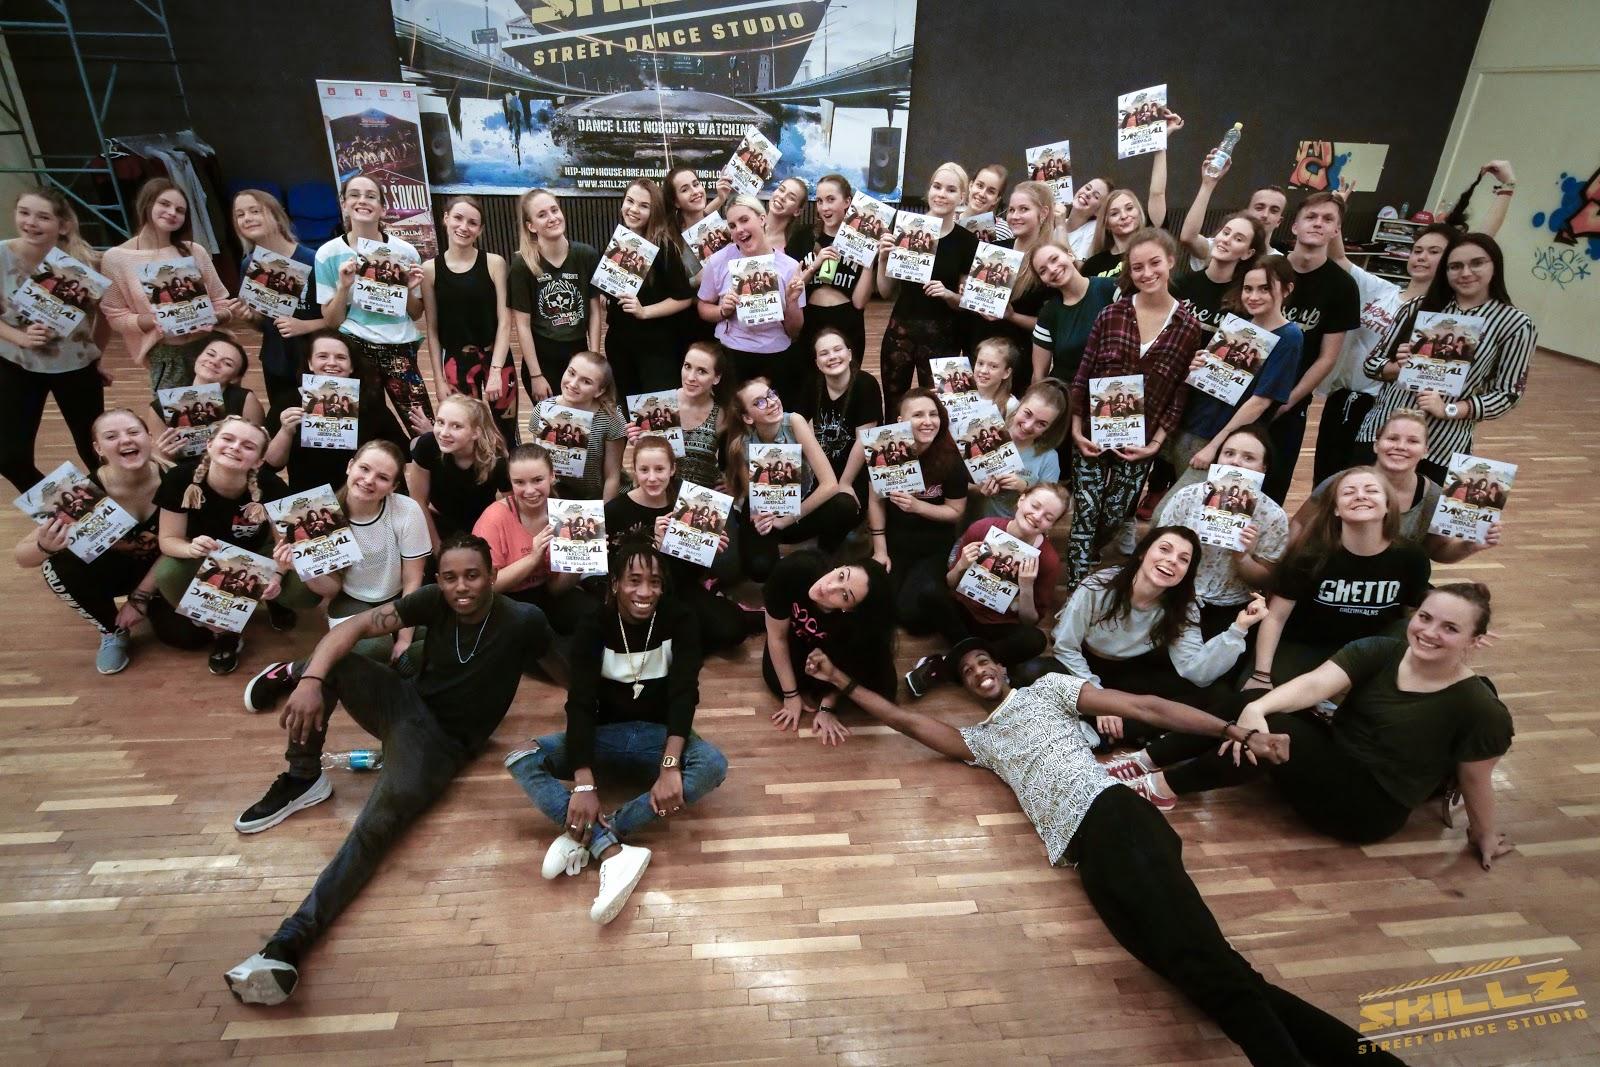 Dancehall Takeover seminarai (Jamaika, Belgija, Prancuzija) - PANA1292.jpg